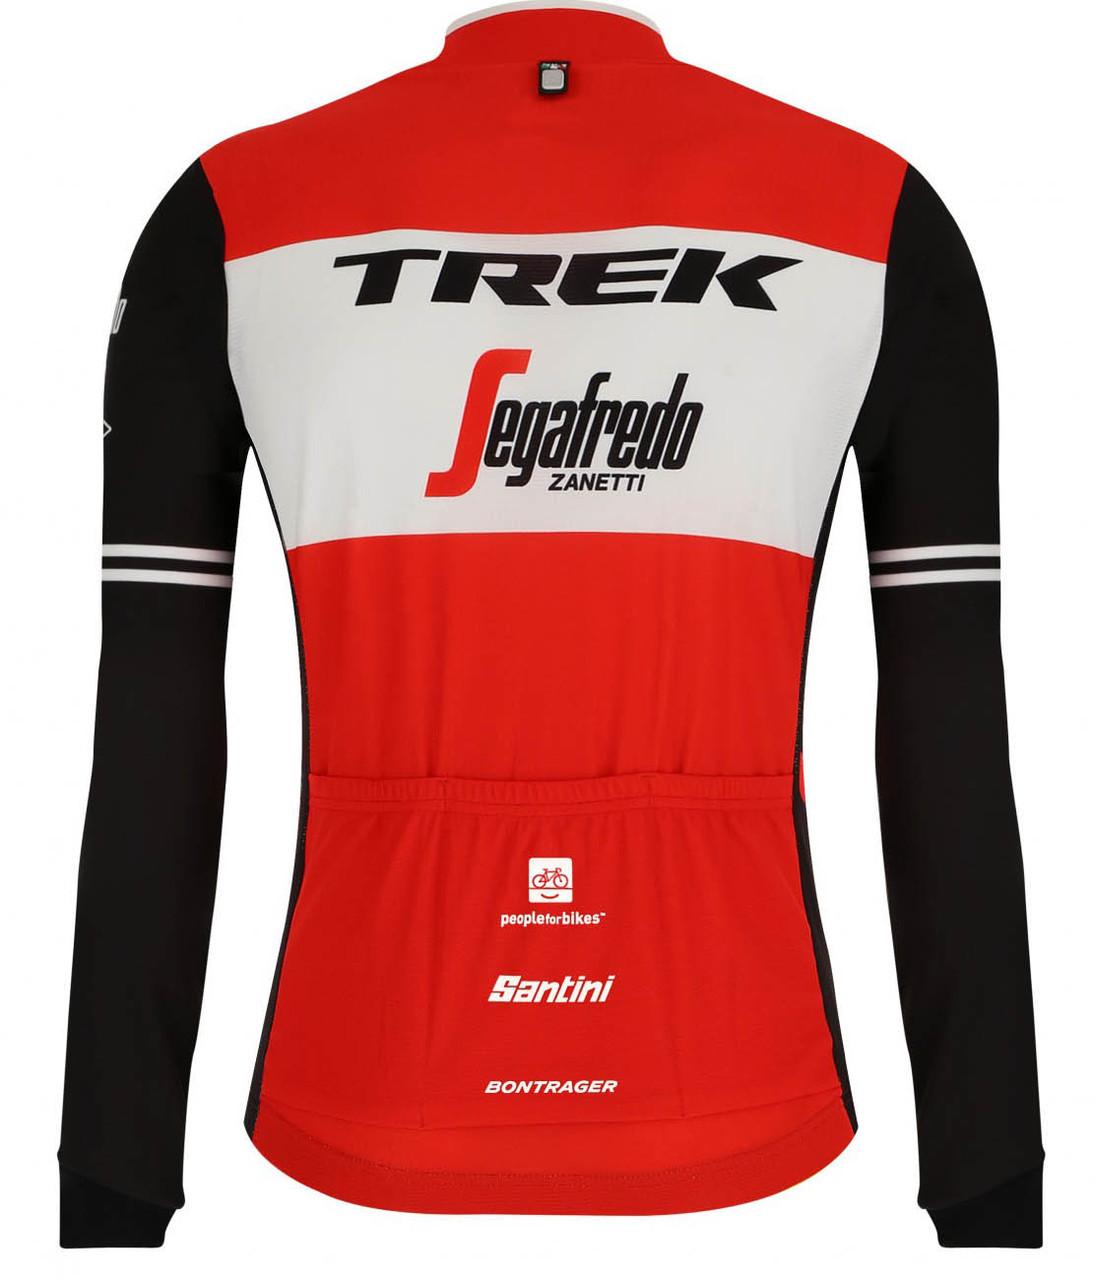 2019 Trek Segafredo Tour De France Long Sleeve Jersey Rear